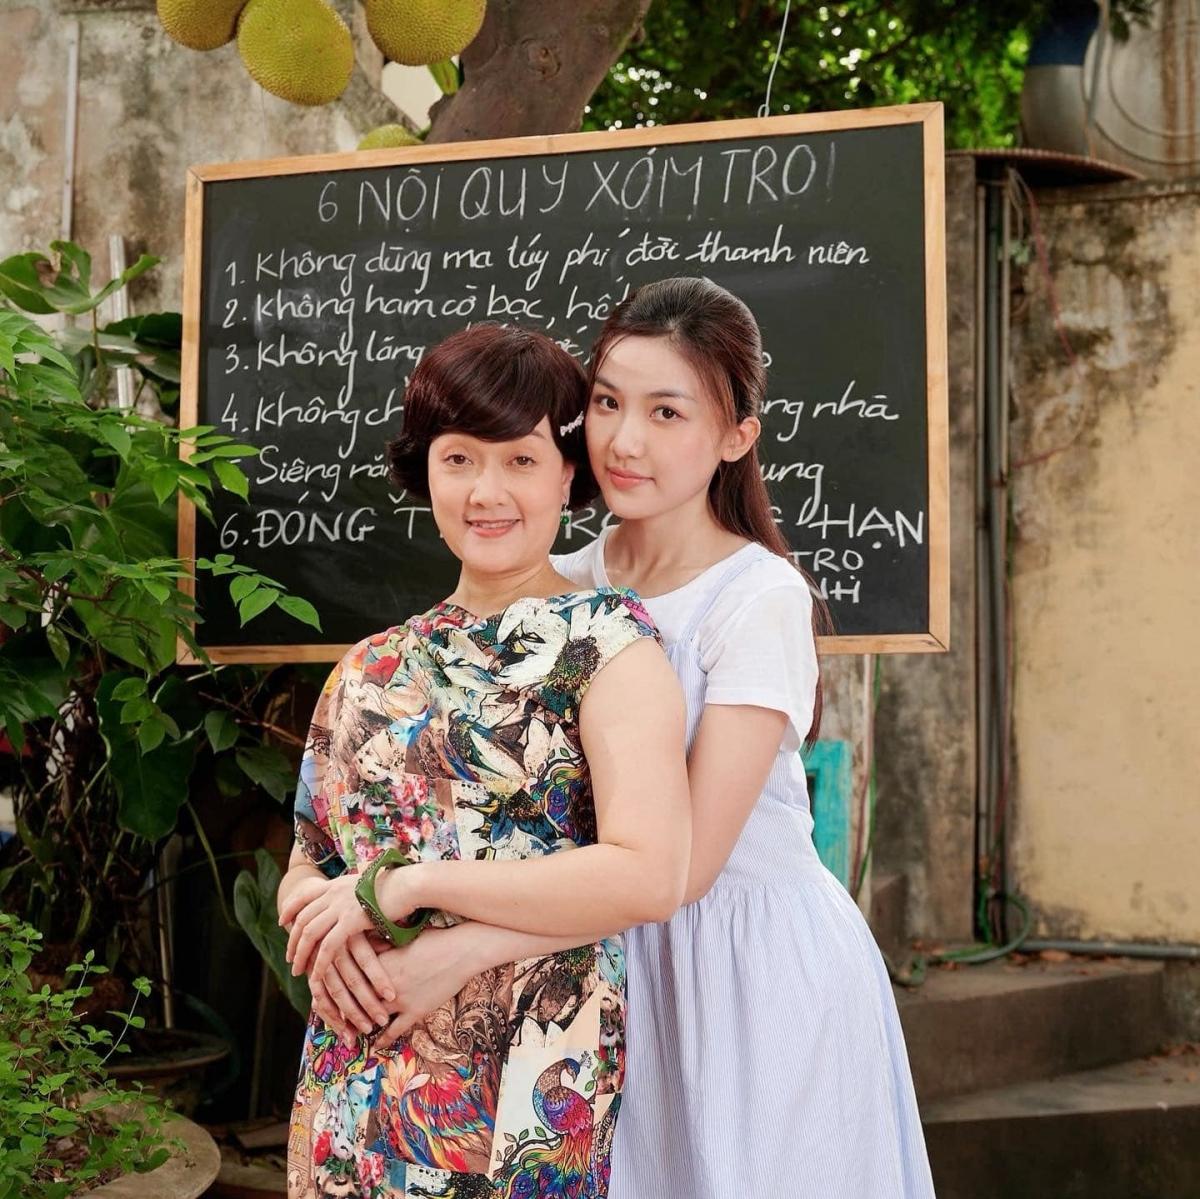 Lương Thanh và nghệ sĩ Vân Dung